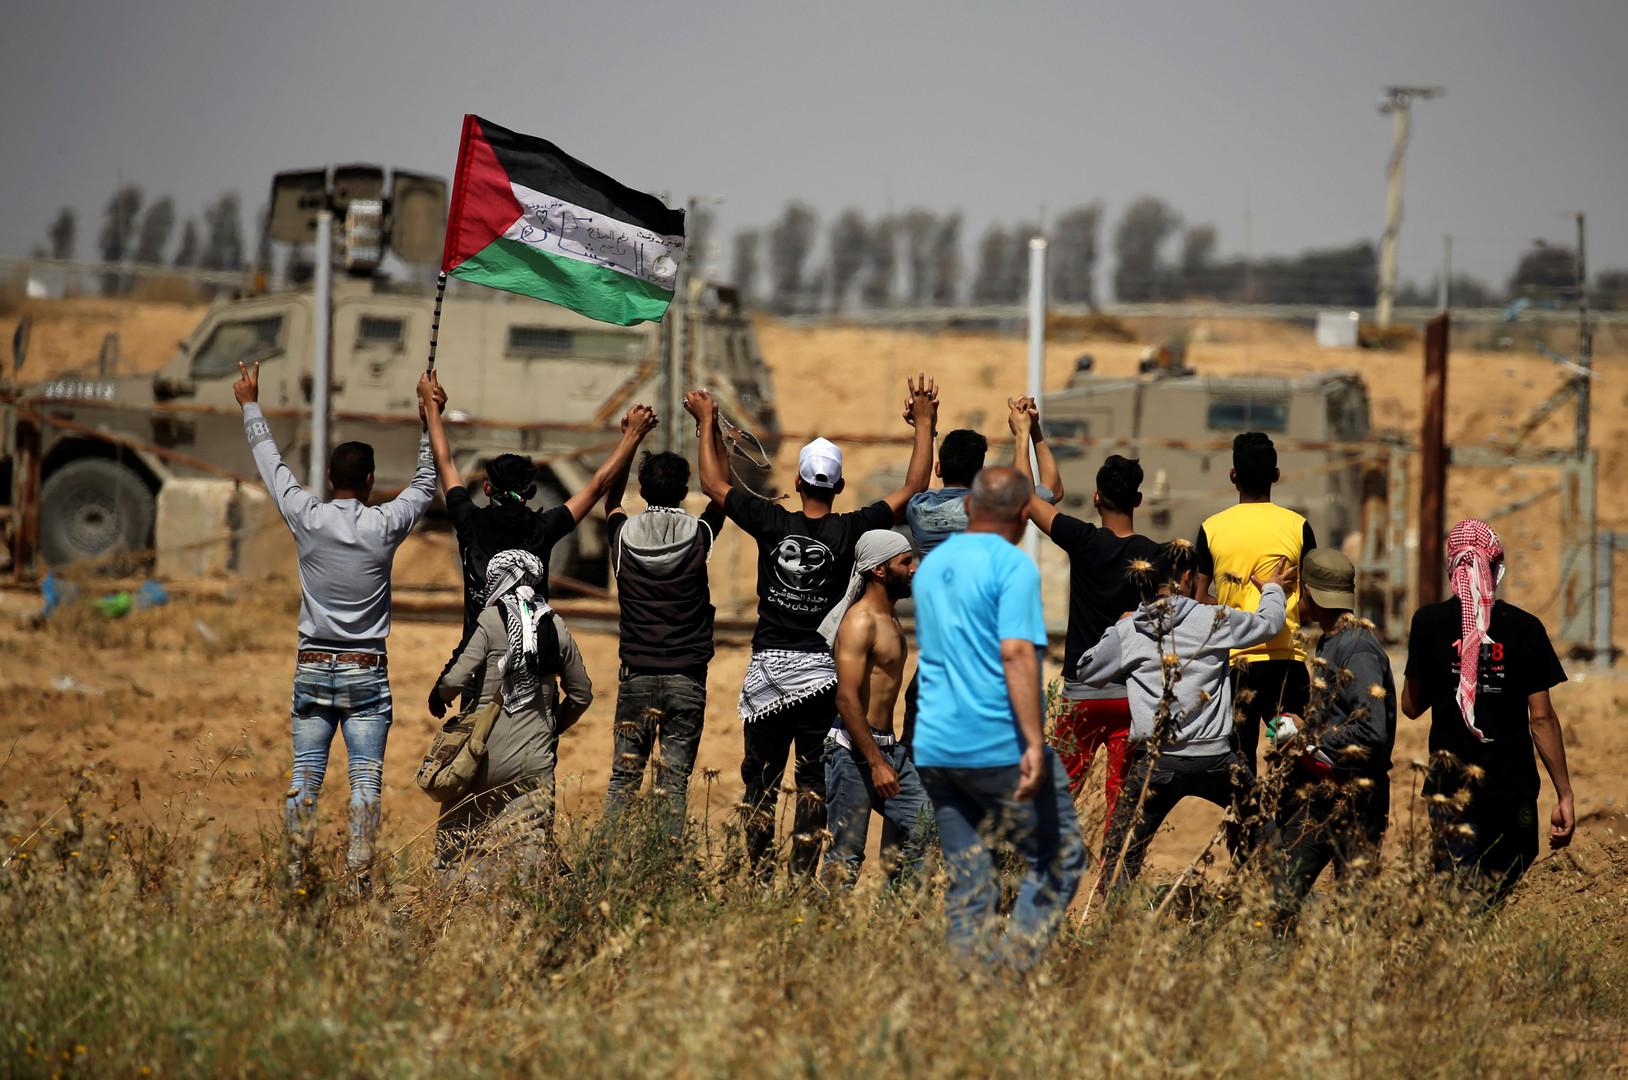 الحكومة البريطانية تتهم إسرائيل بانتهاك حقوق الإنسان بشكل مستمر